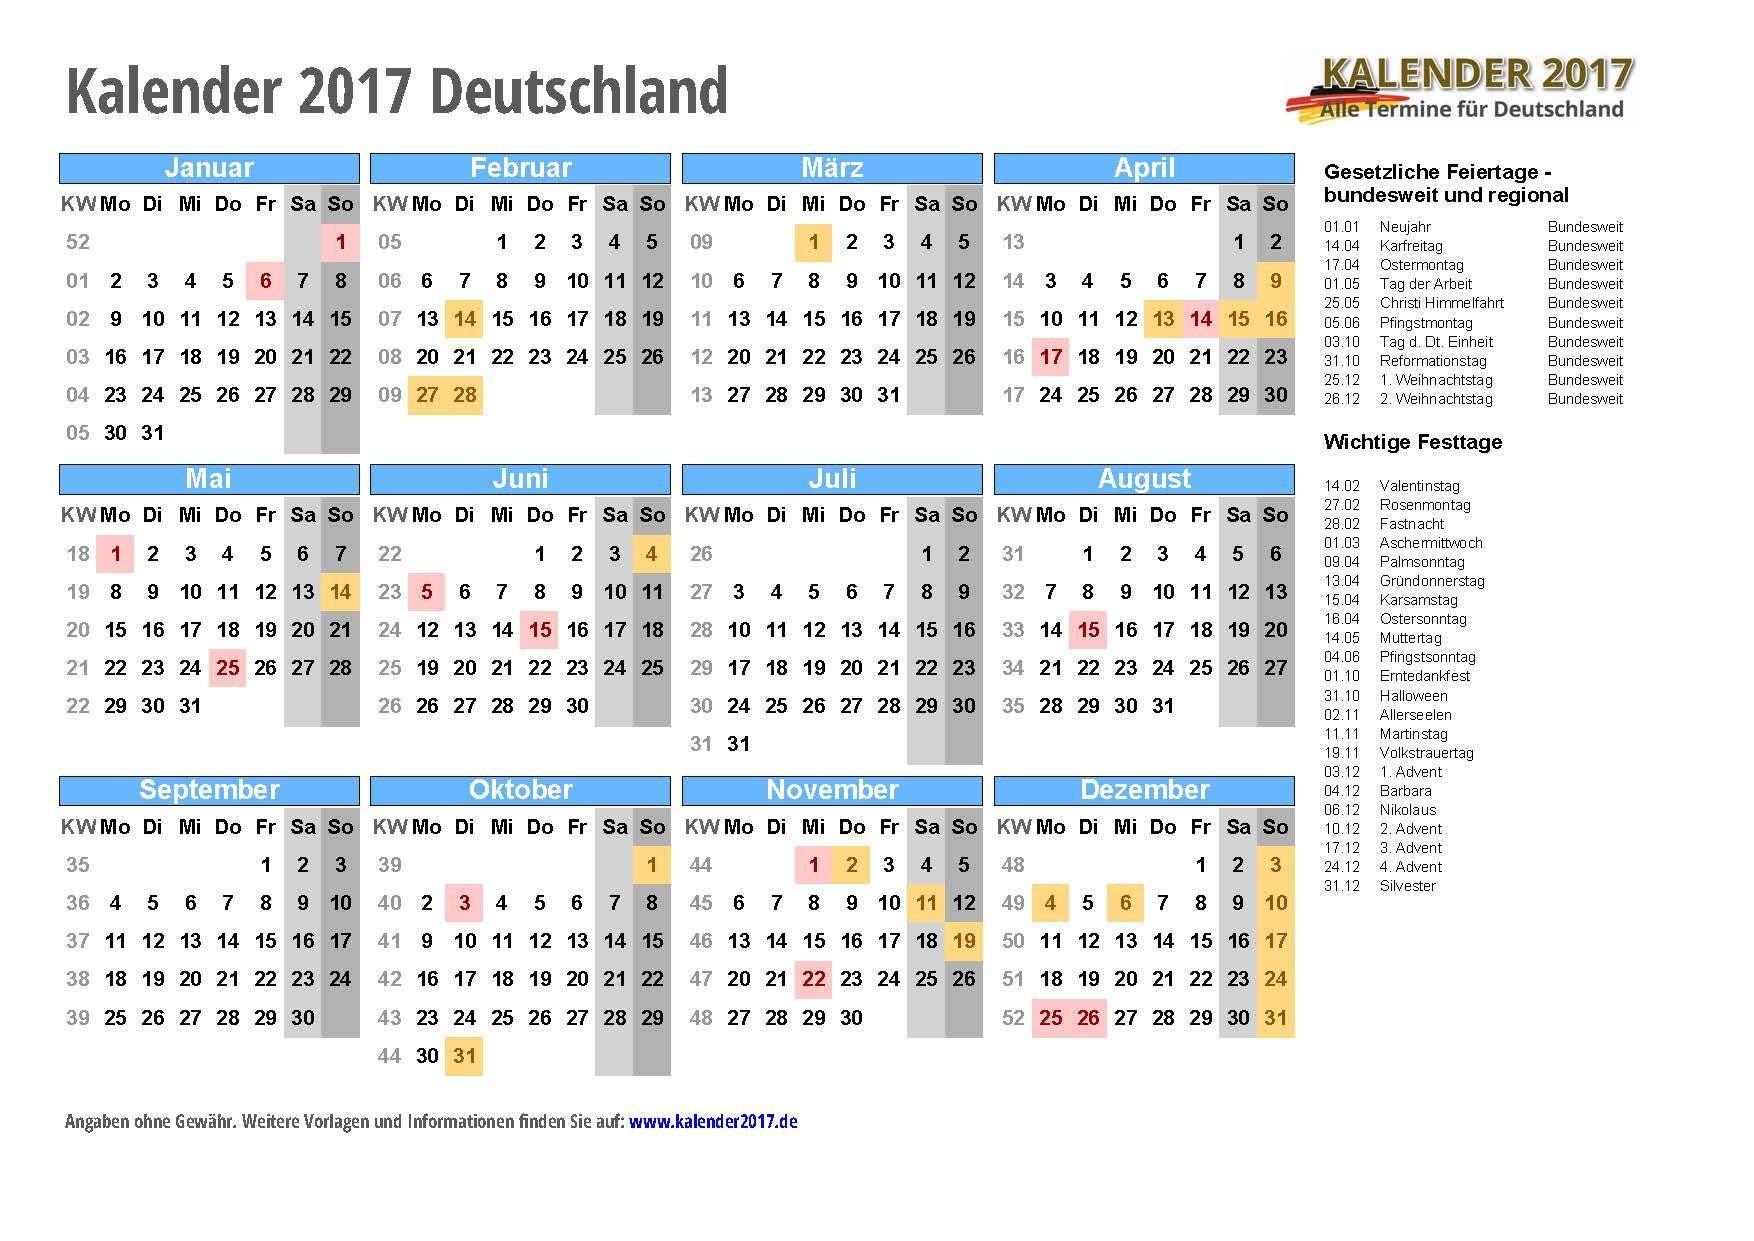 Imprimir Calendario 2019 Outlook Más Arriba-a-fecha Kalender Bilder Drucken Of Imprimir Calendario 2019 Outlook Más Arriba-a-fecha Get where is Dice now Microsoft Store